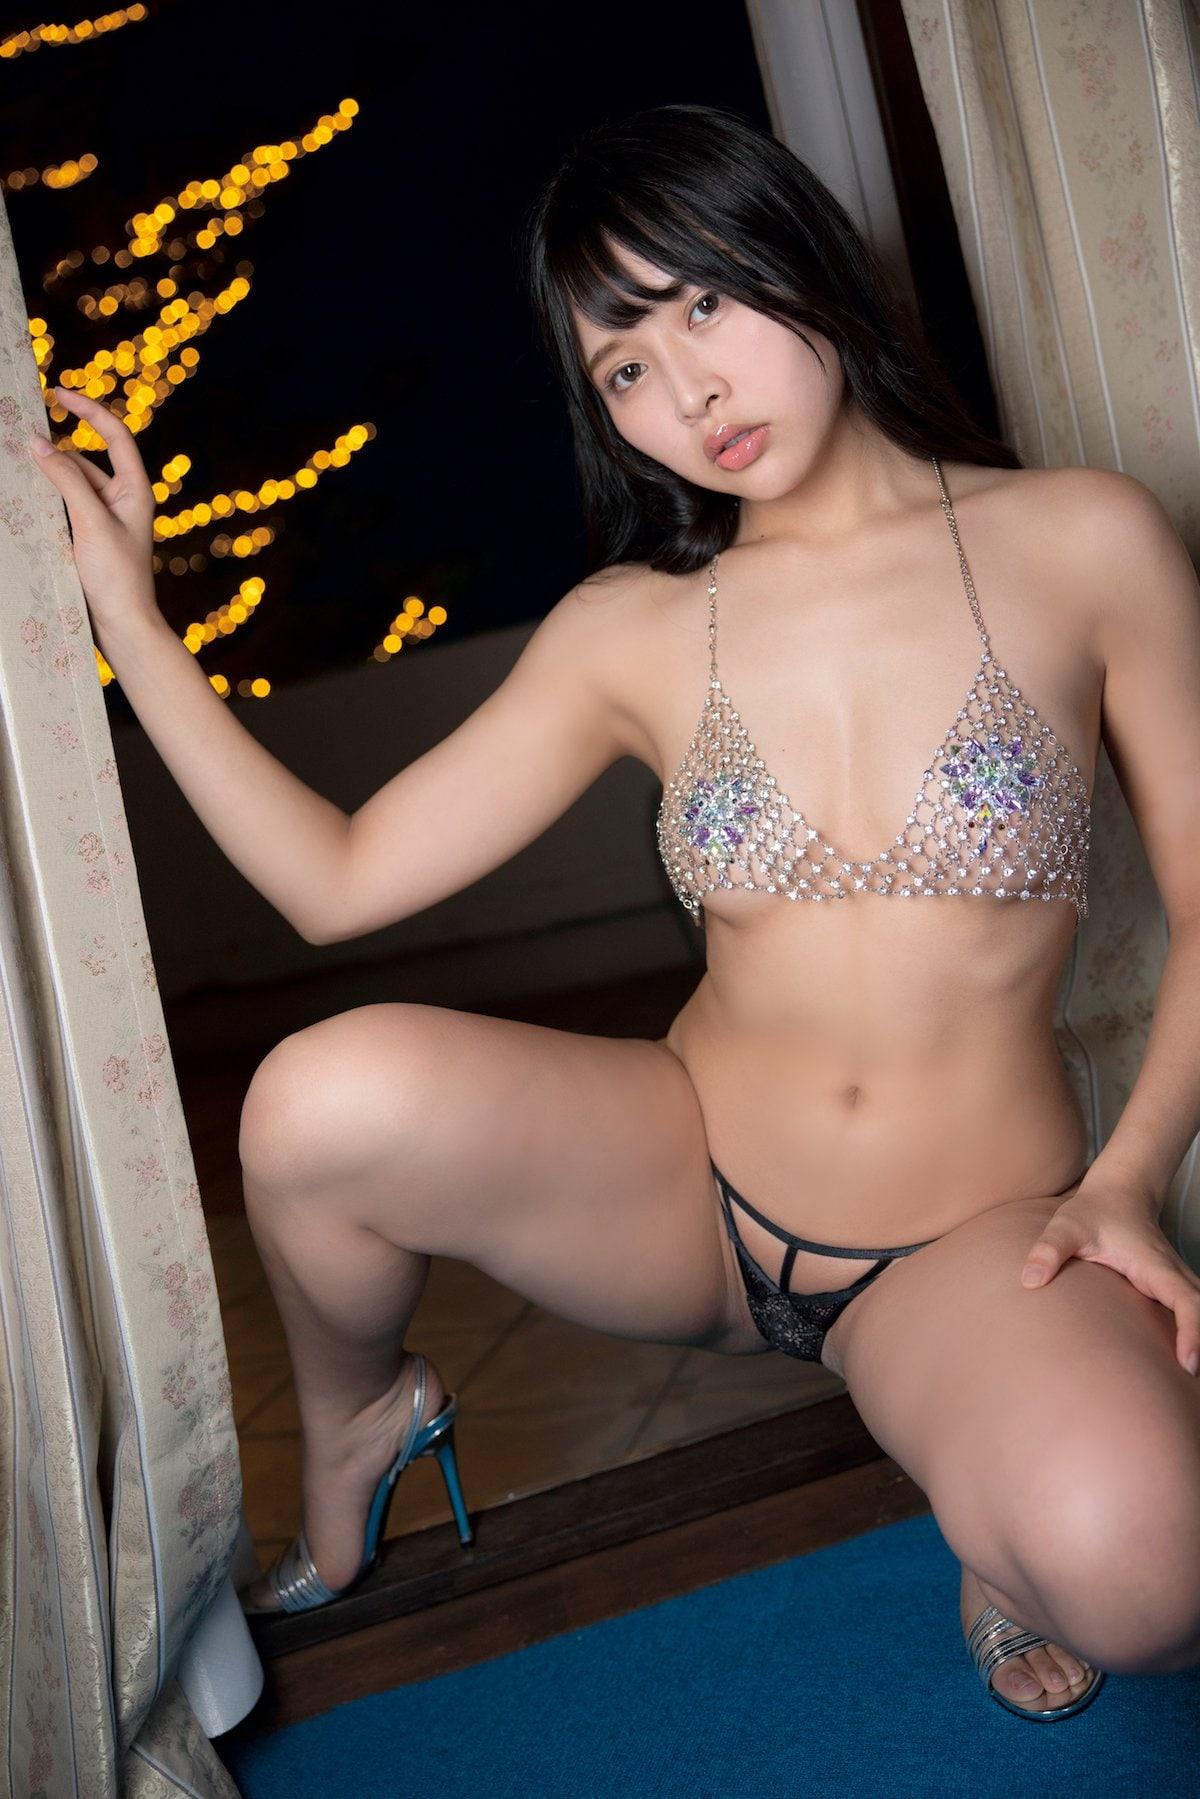 橋本ひかり「ヒモはいらないの」手ブラで露出度の限界に挑戦【画像9枚】の画像009